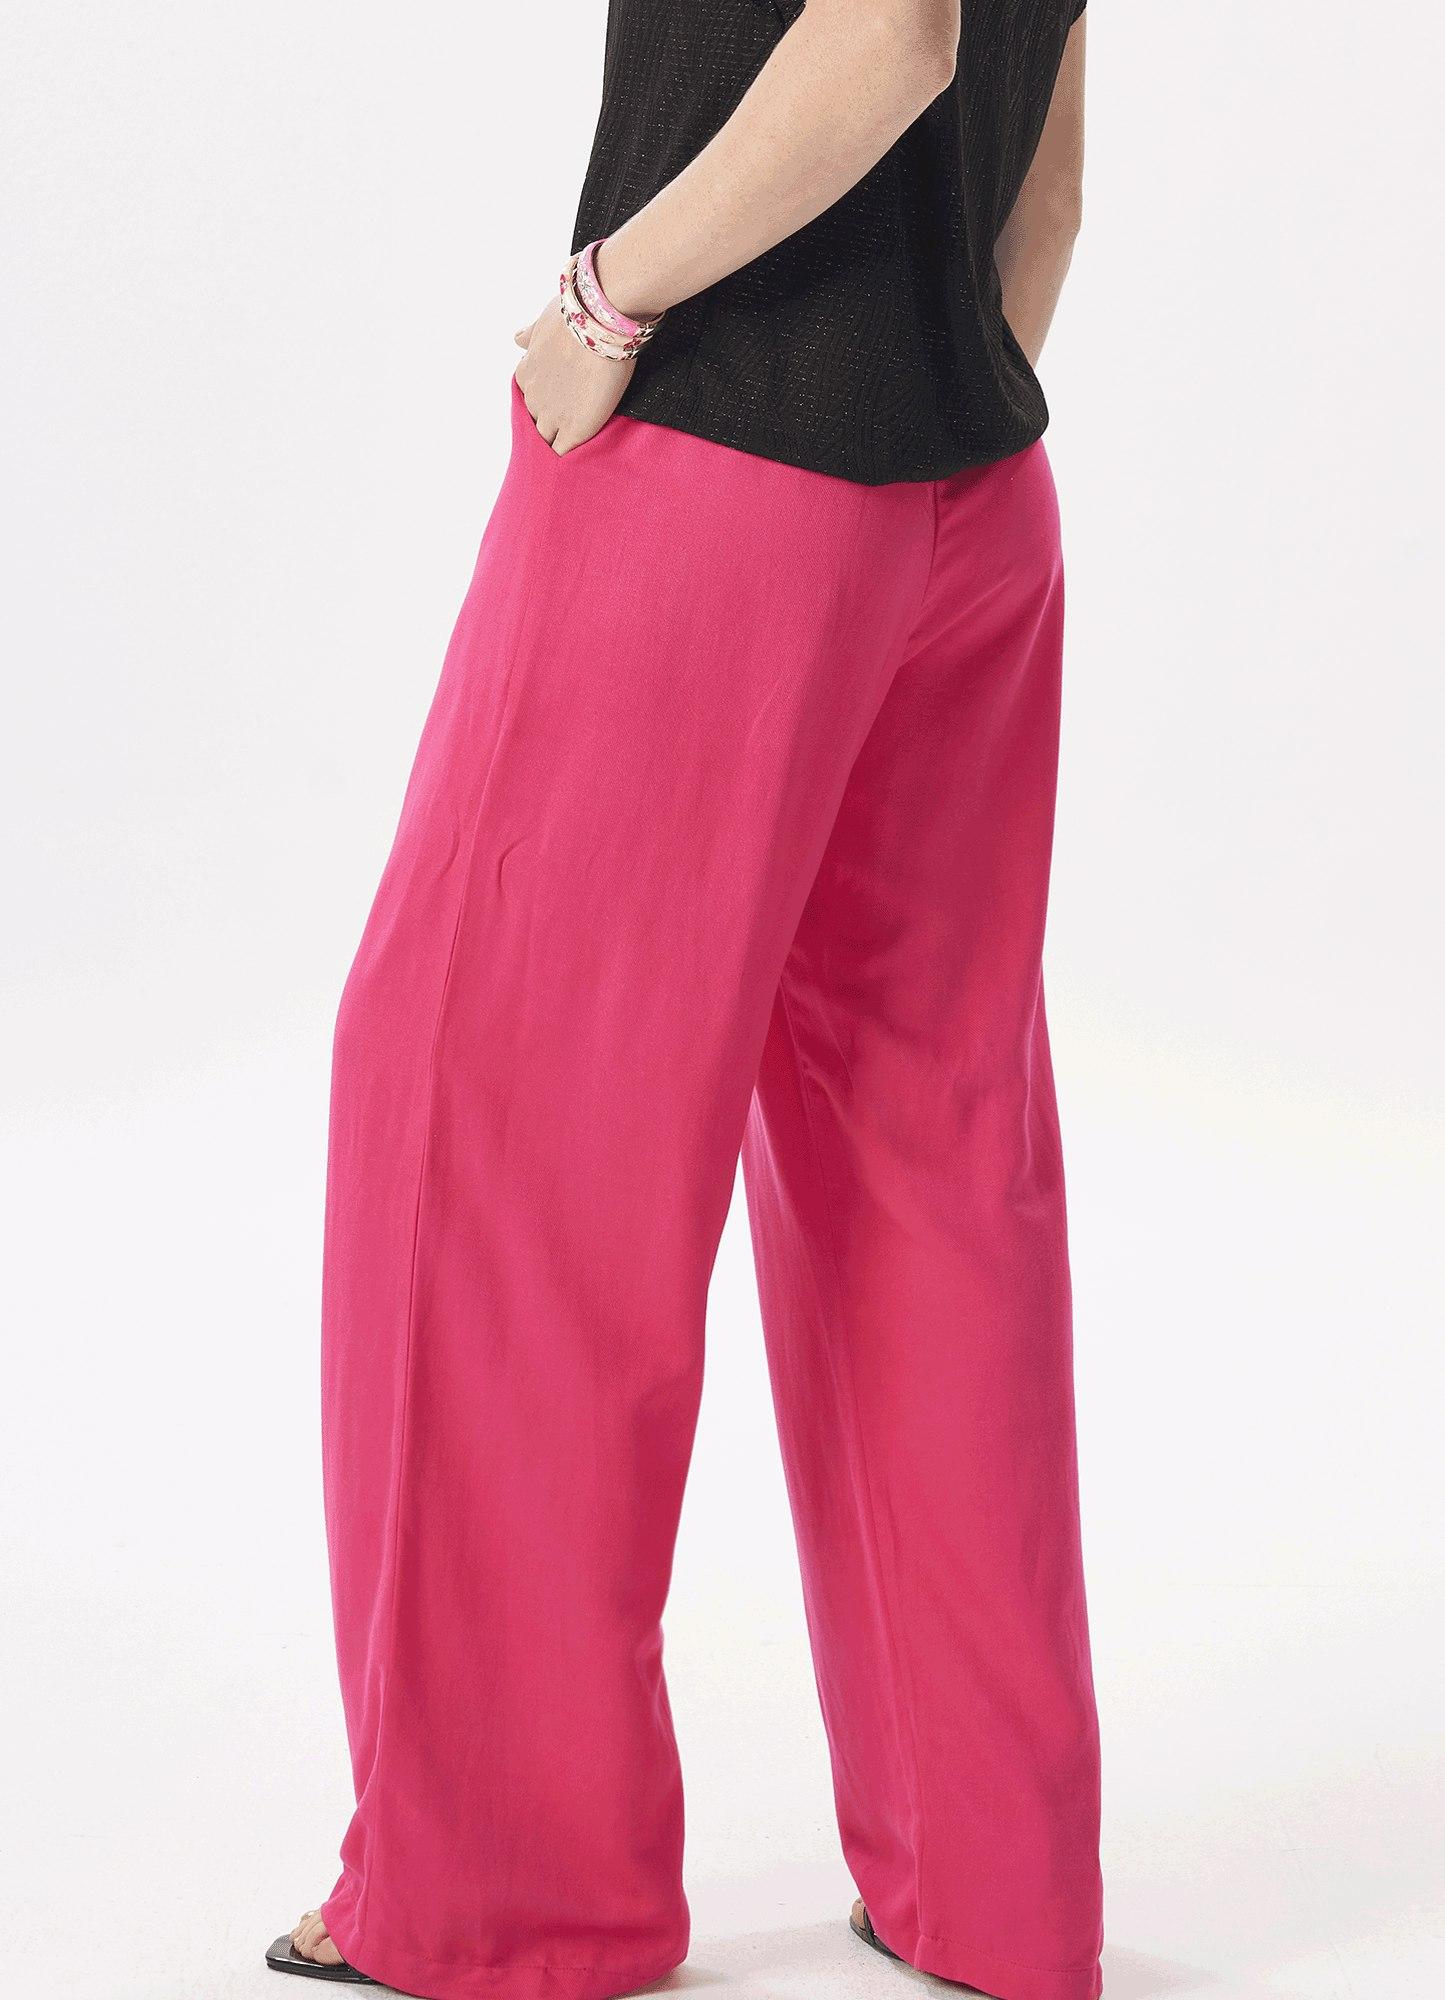 Calça Feminina Linho Rosa Pantalona Cós Elástico